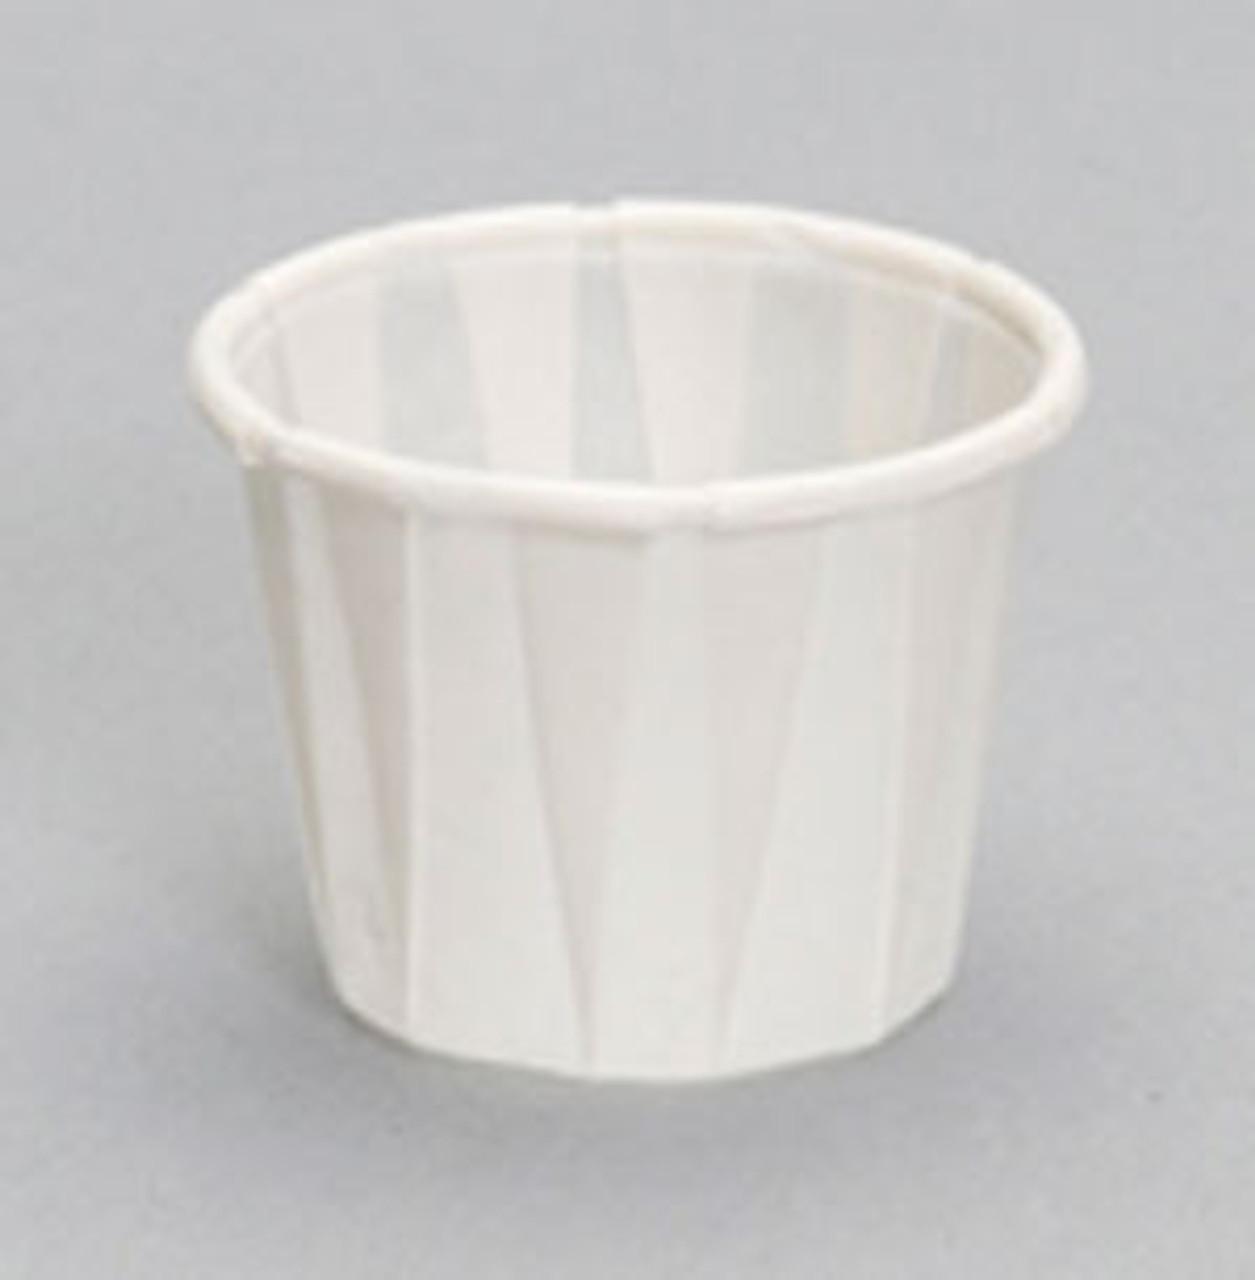 Harvest Paper Portion Cups - 1oz